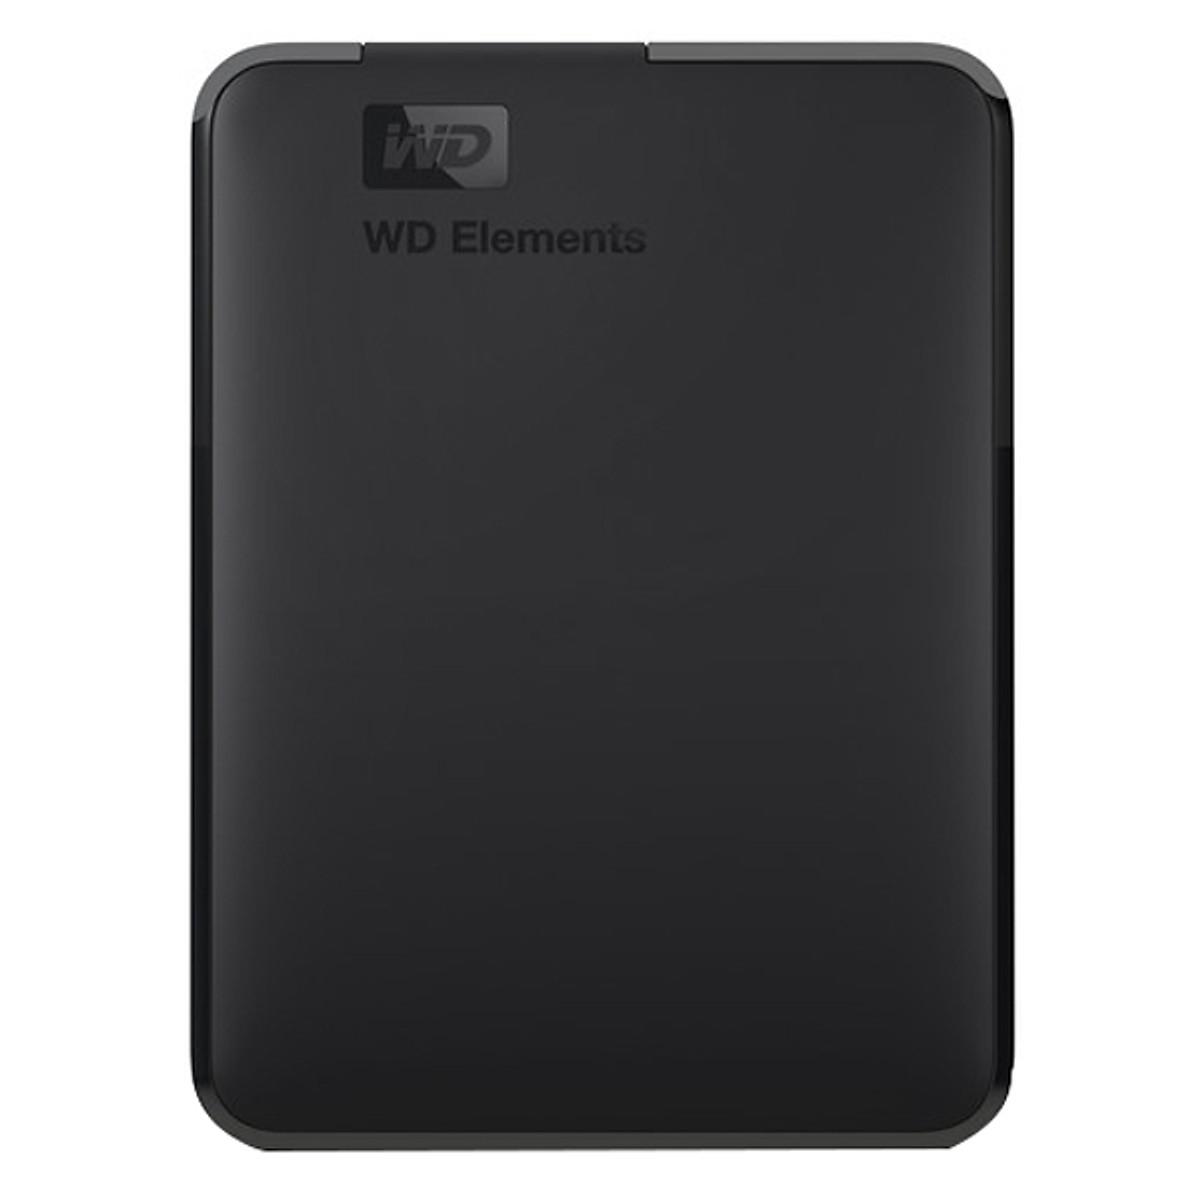 Ổ Cứng WDWDBU6Y0040BBK-WESN 4TB Elements USB 3.0 – Hàng Chính Hãng